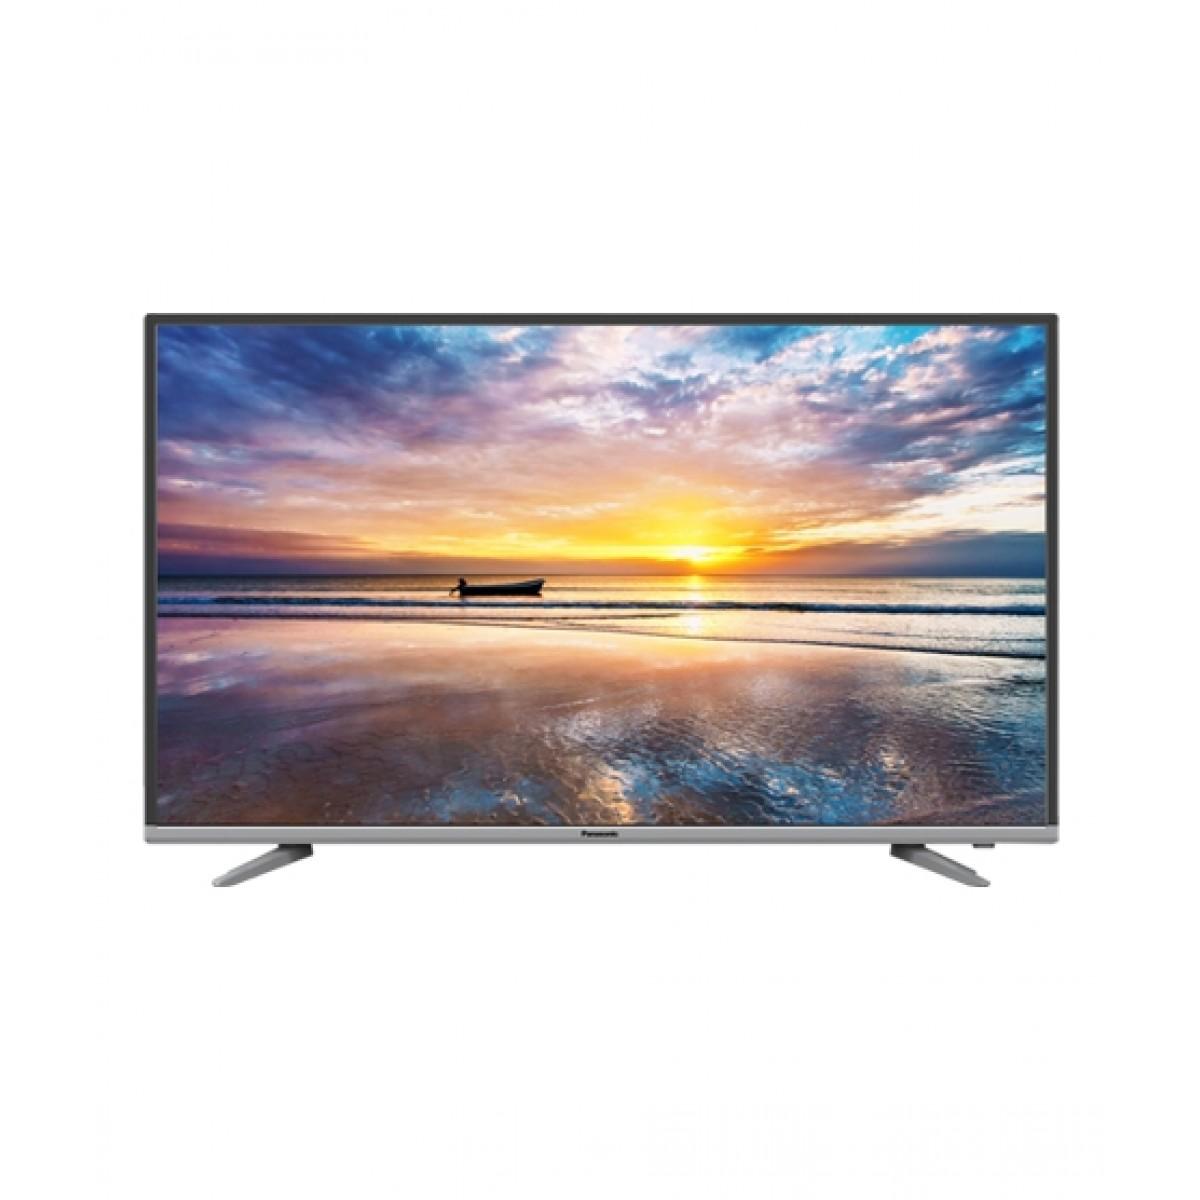 """Panasonic 43"""" Full HD LED TV (43E330)"""